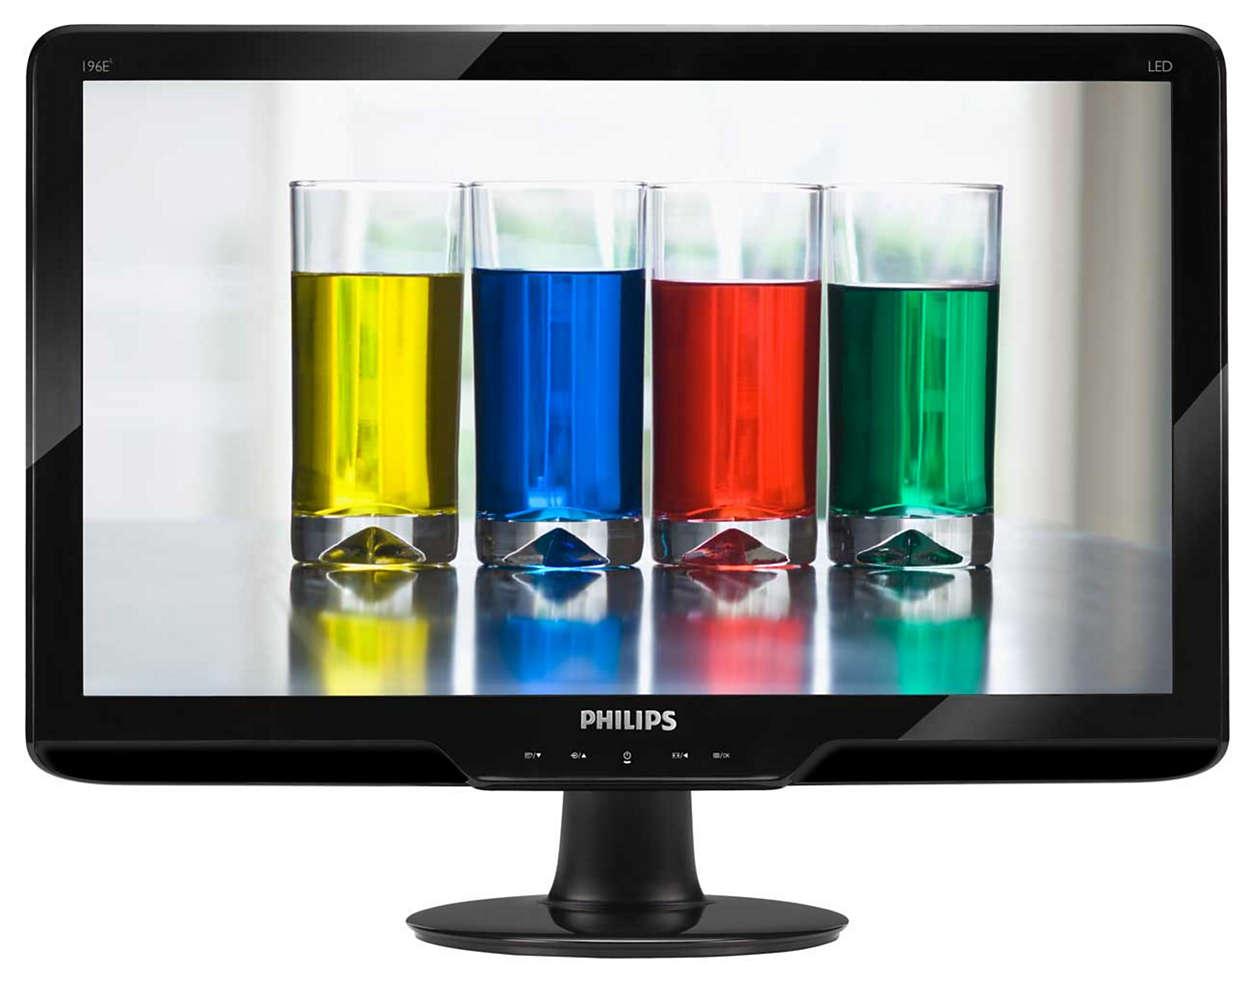 Afişaj elegant cu LED-uri, cu culori naturale